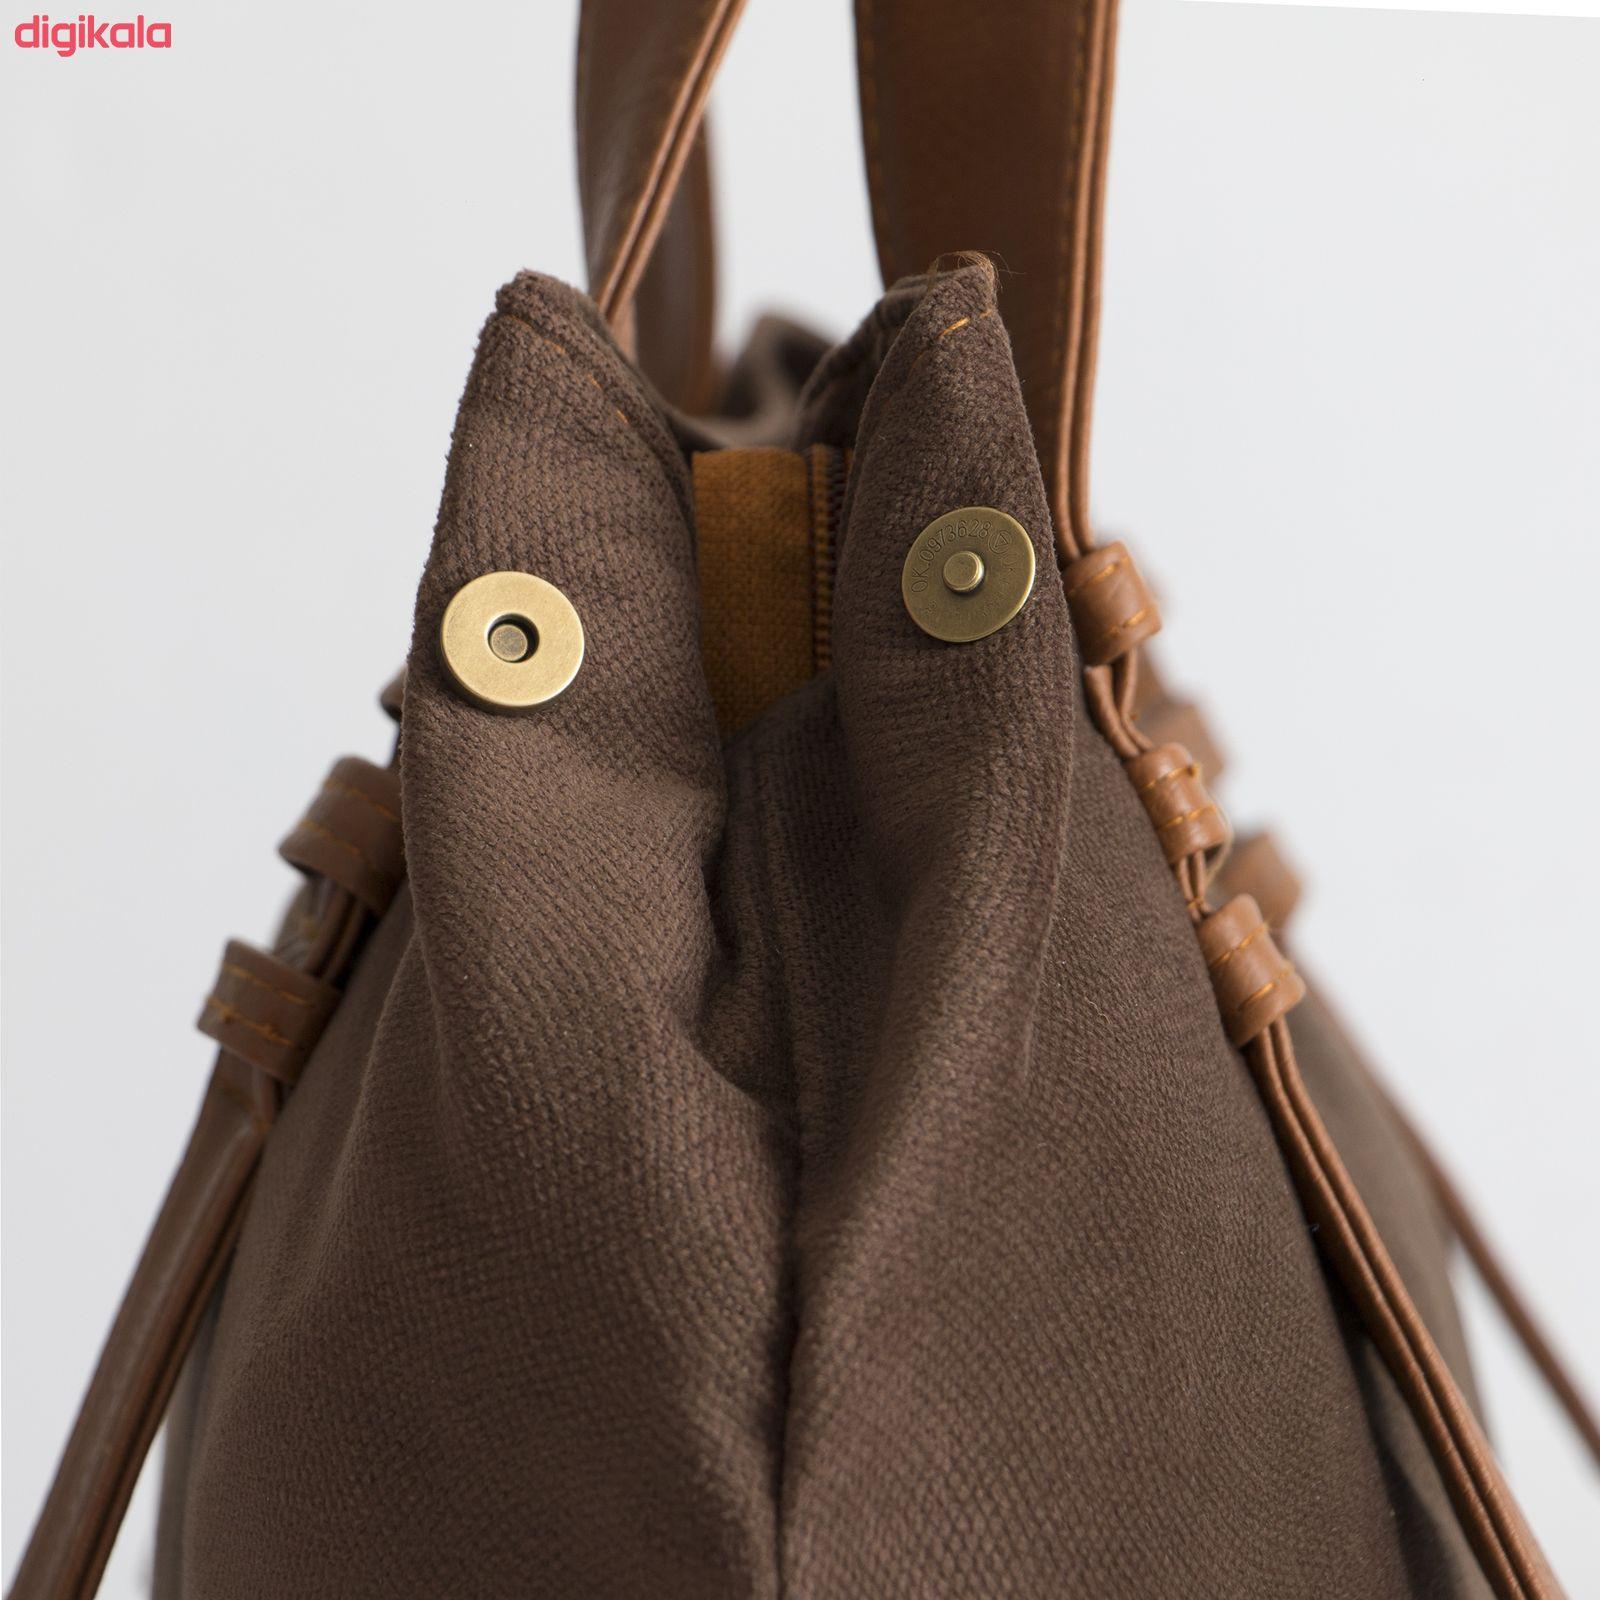 کیف دستی زنانه مدل M1 main 1 25